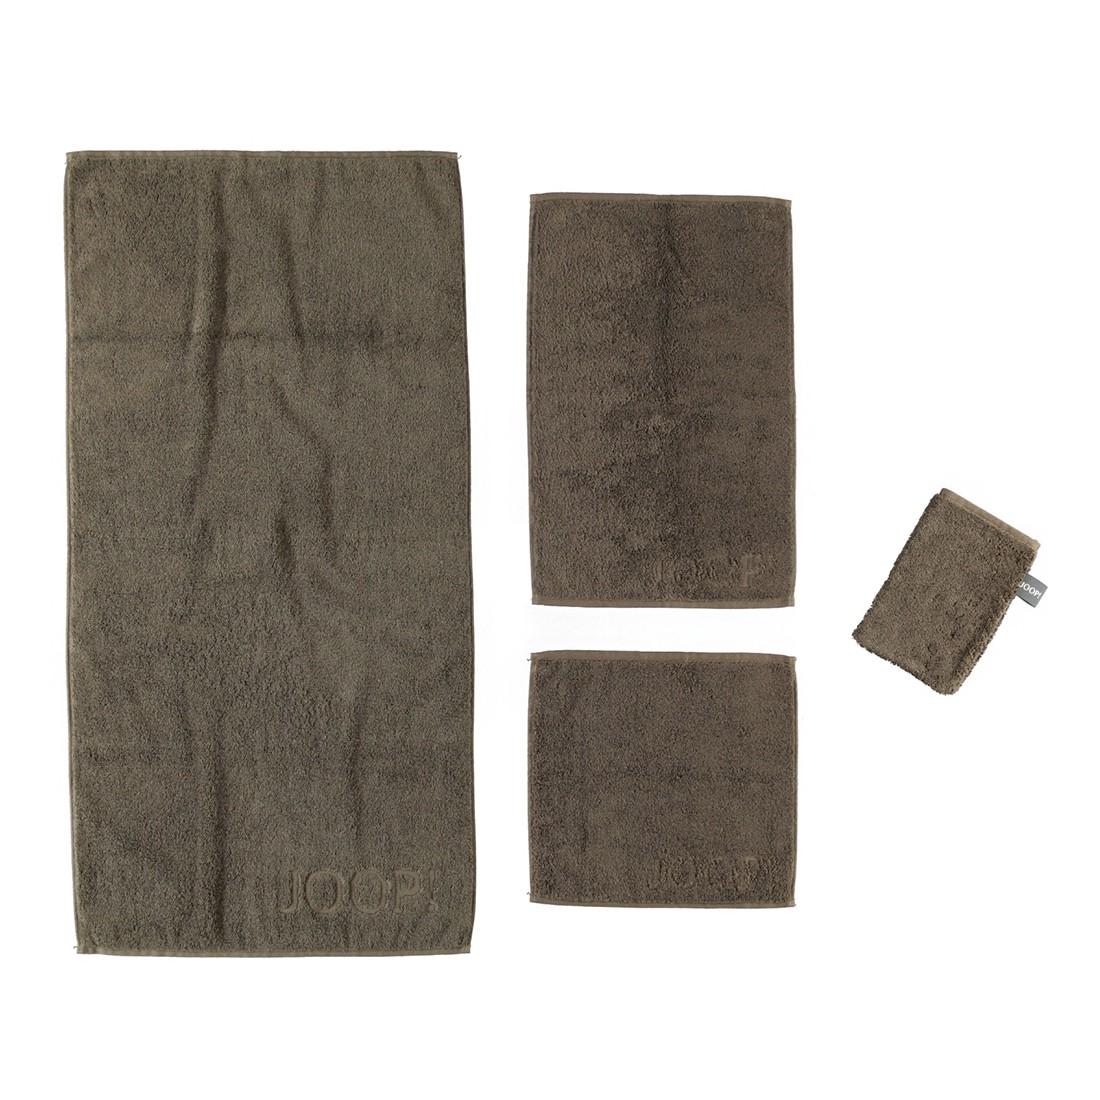 Handtuch Basic – 100% Baumwolle Mocca- Braun – 365 – Duschtuch: 80 x 150 cm, Joop günstig